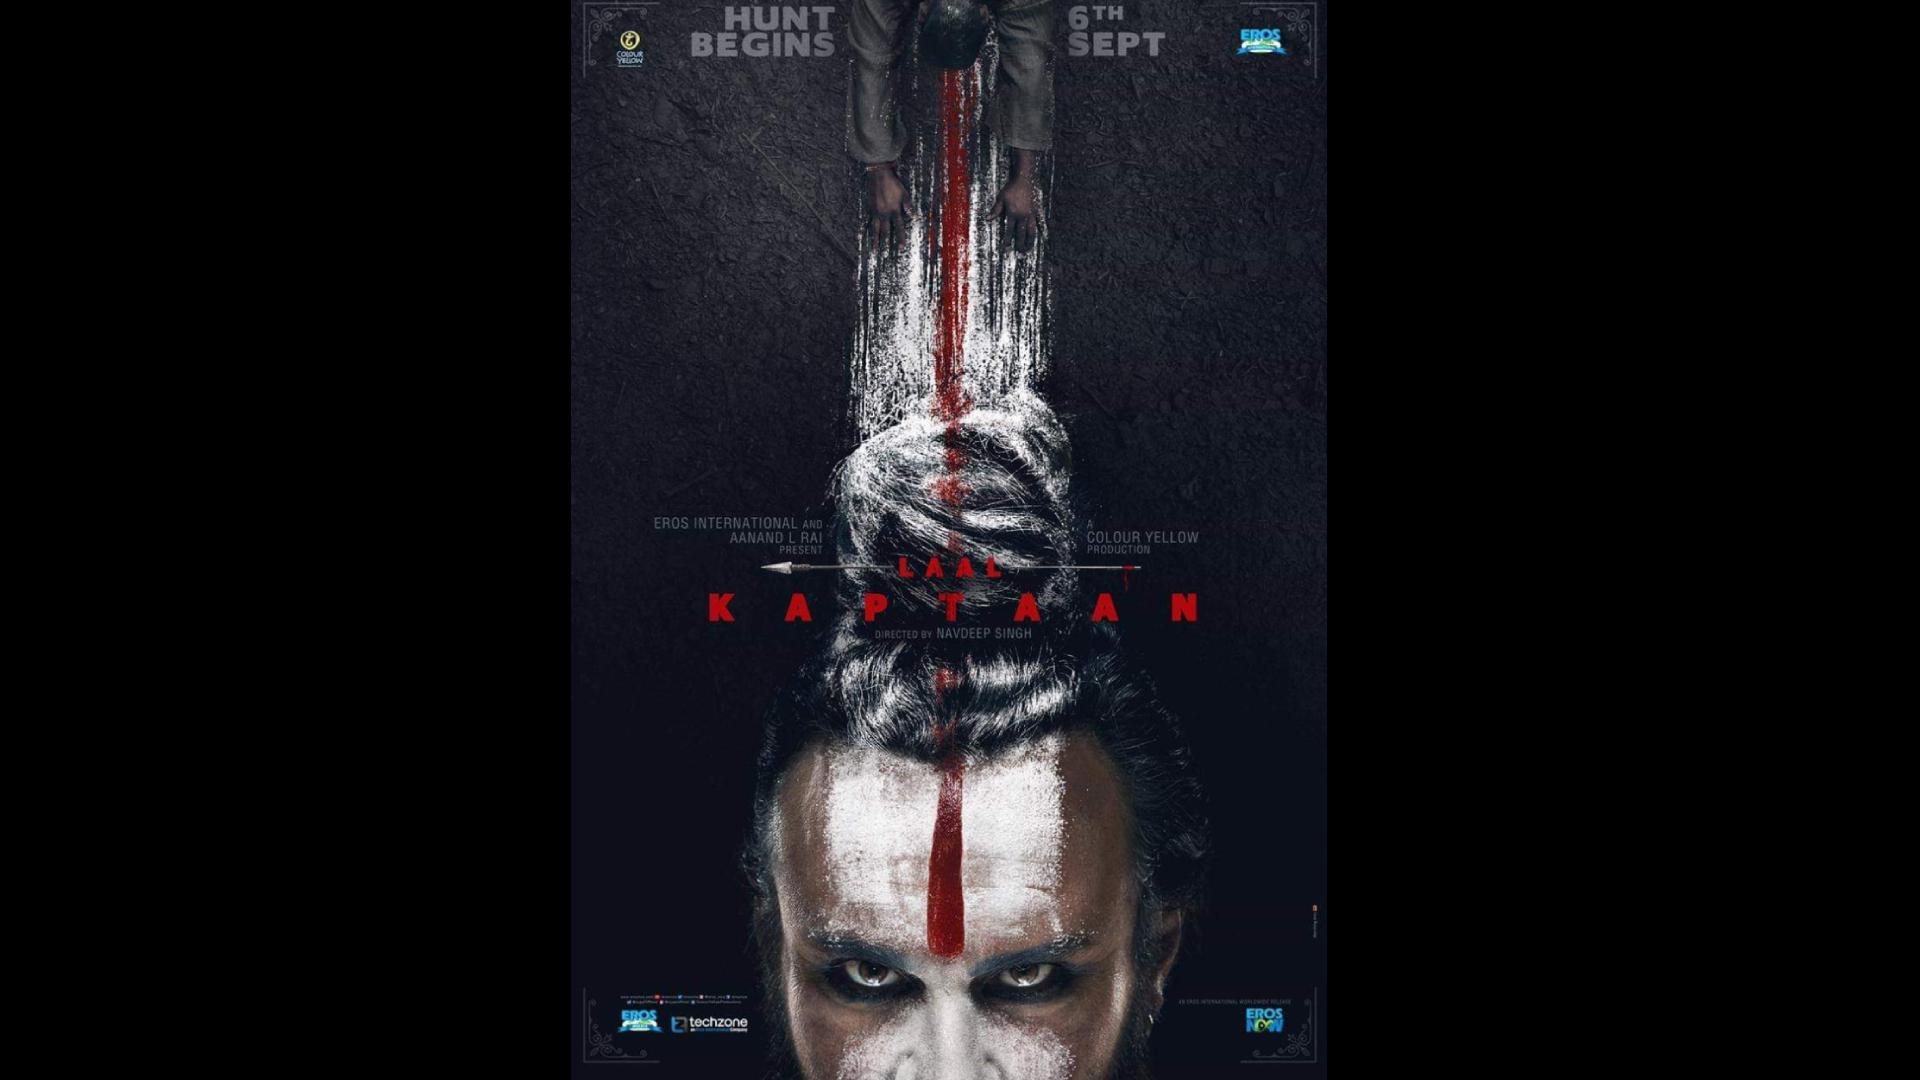 Laal Kaptaan Poster: नागा साधु के किरदार में नजर आए सैफ अली खान, इस दिन रिलीज होगी फिल्म